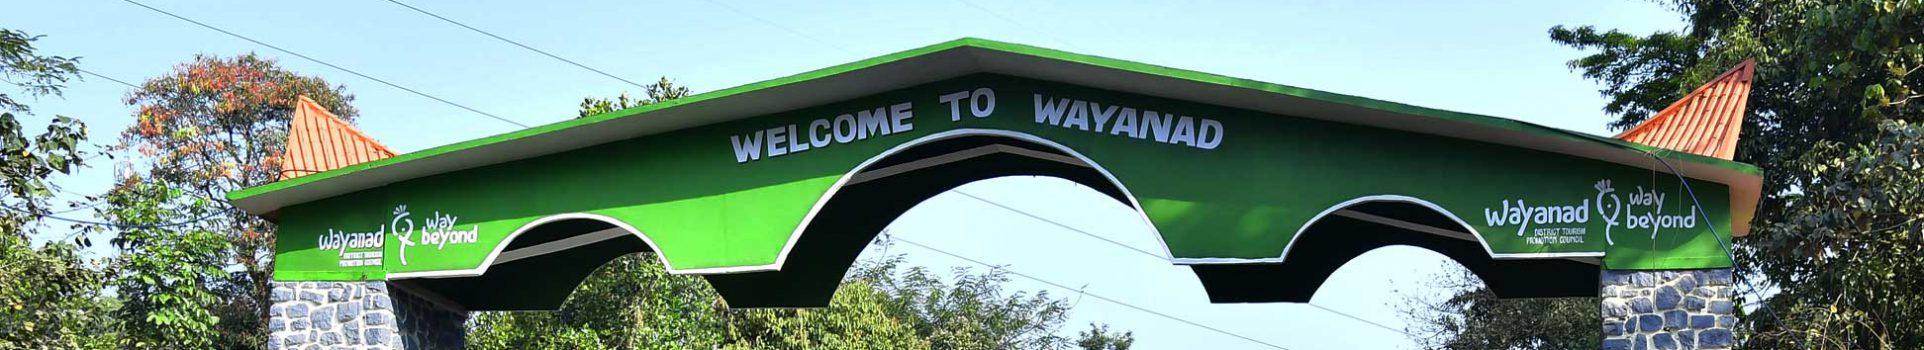 waynadu